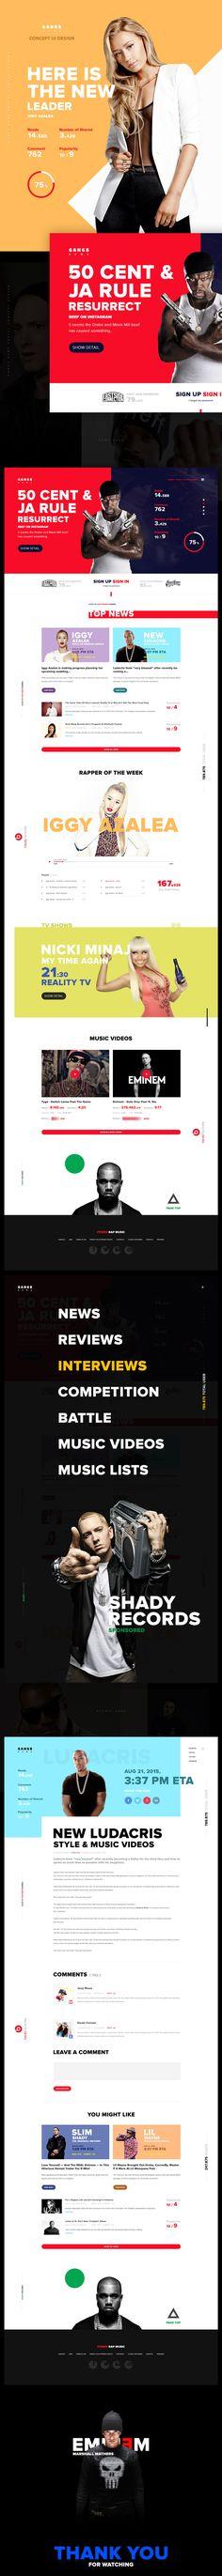 Gangs News - Concept UI Design on Behance